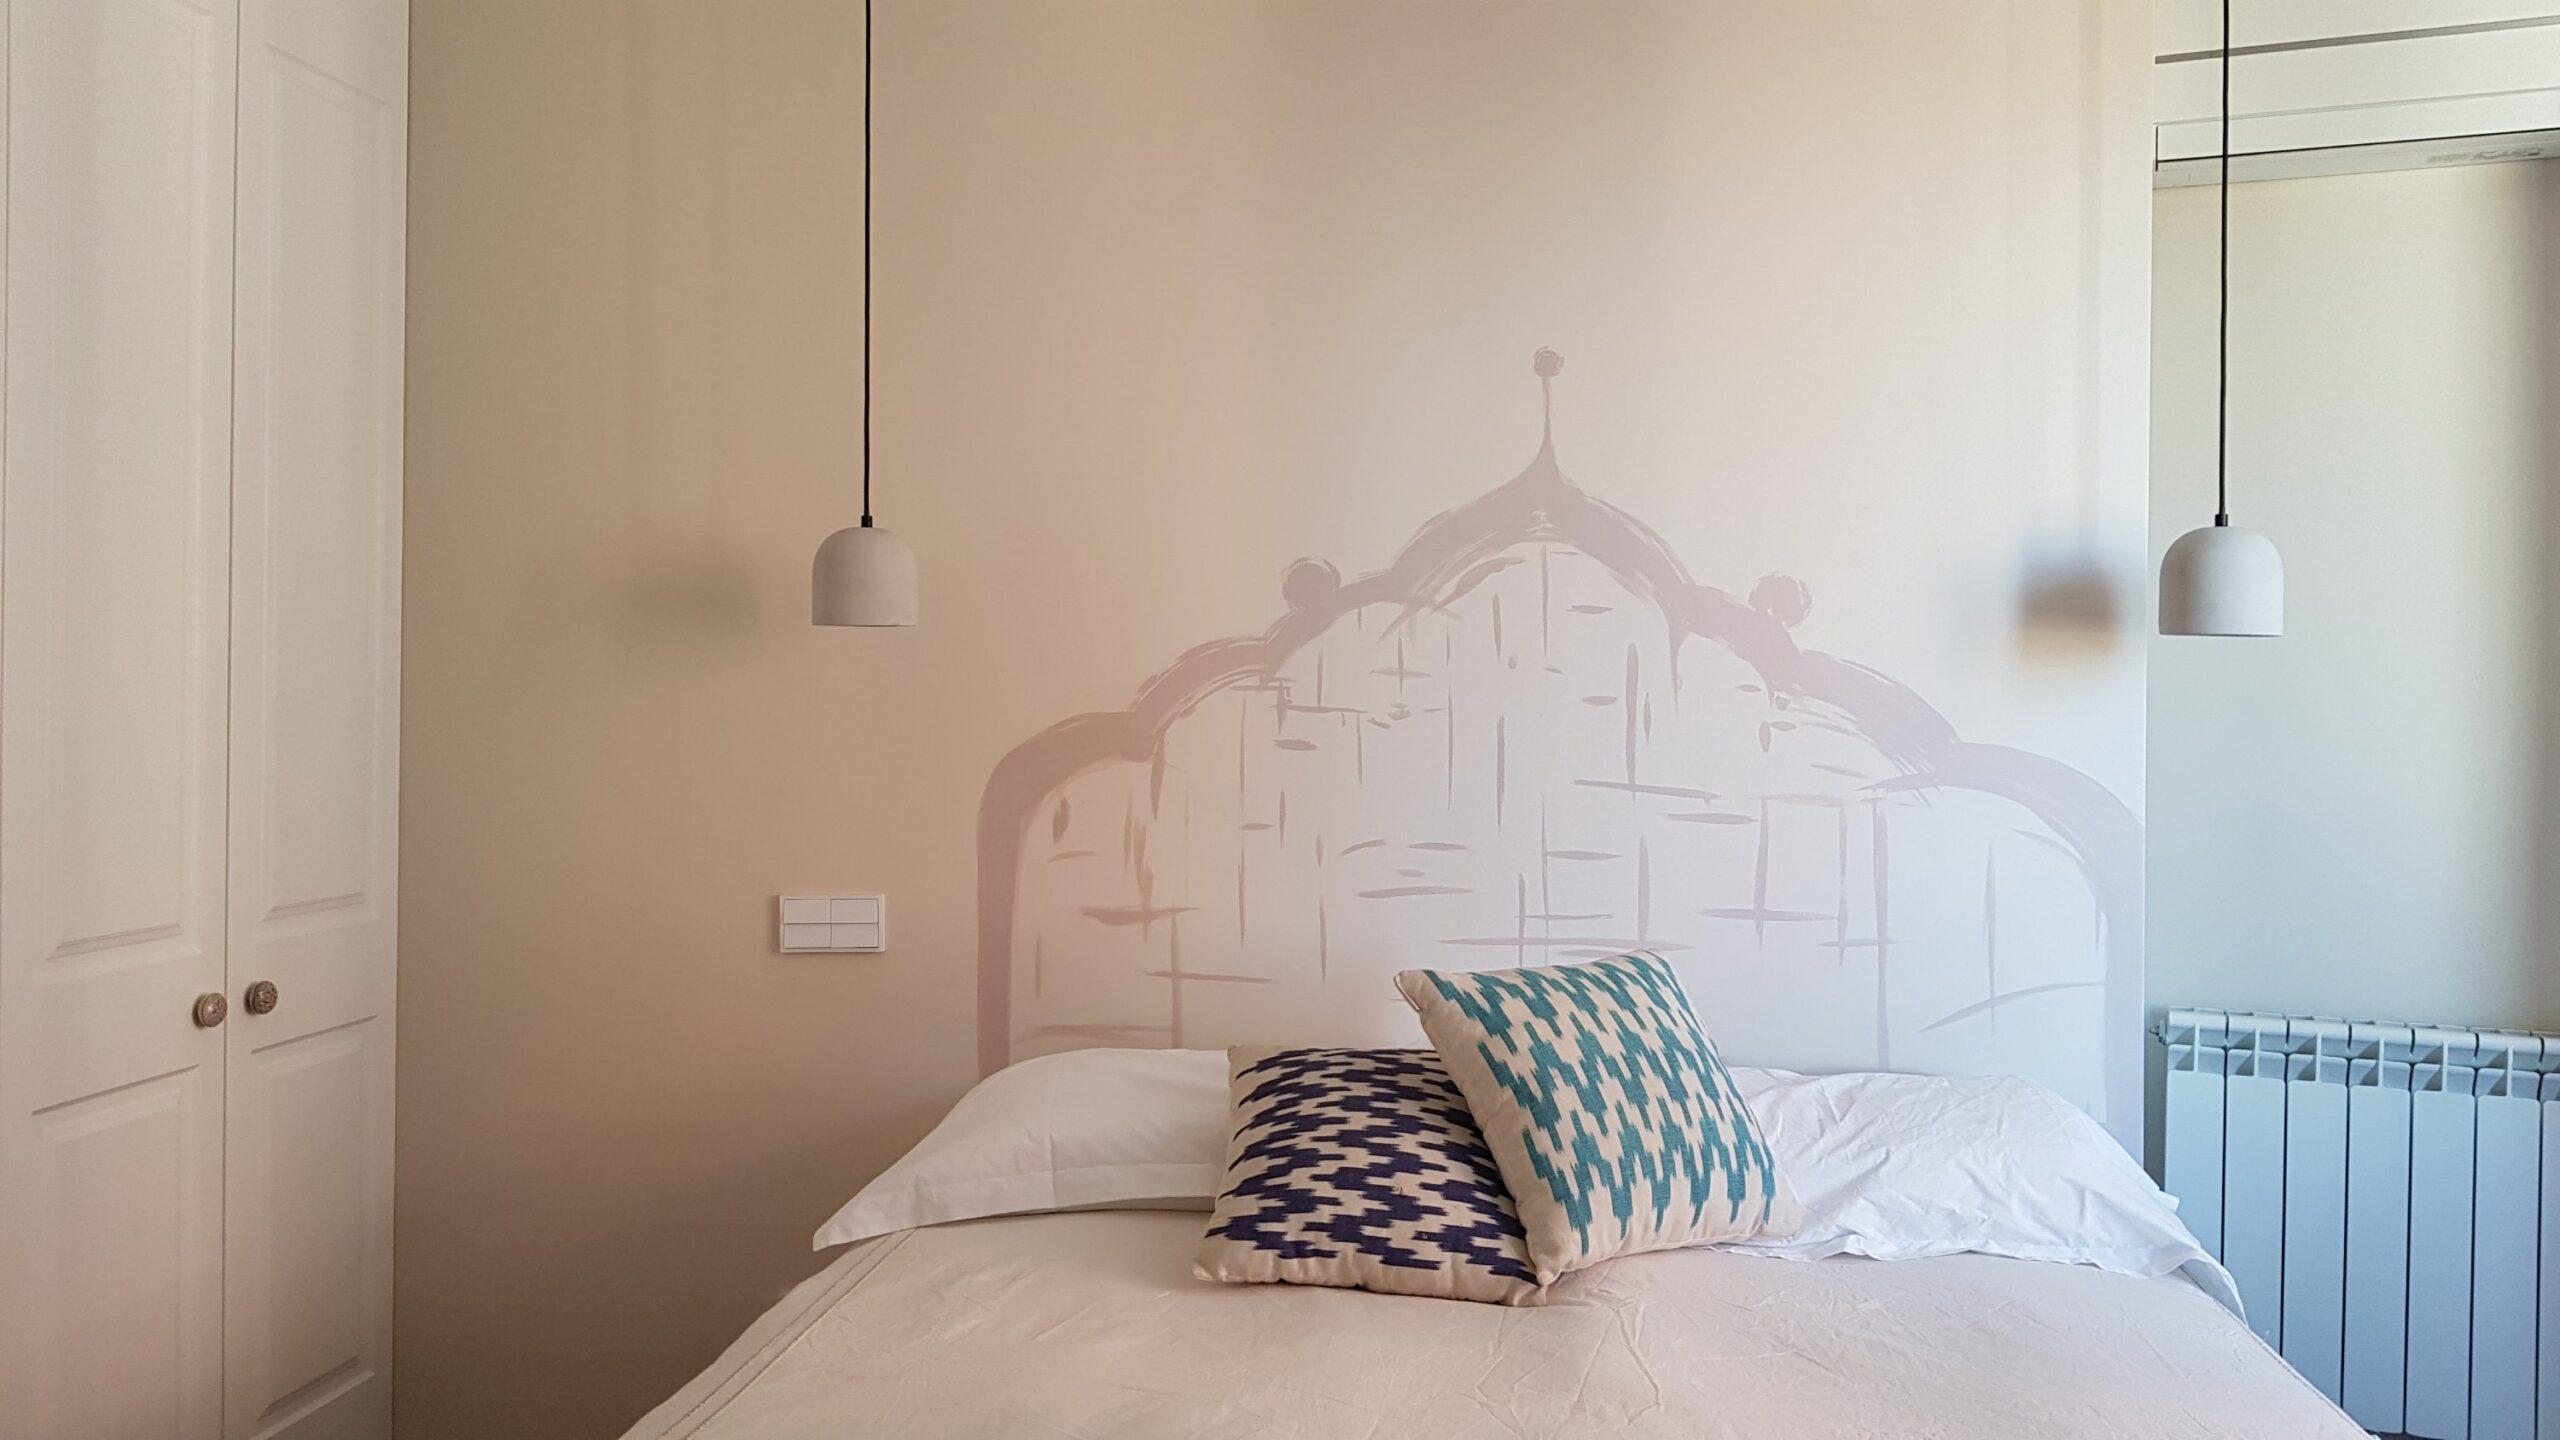 Cabecero pintado en la pared